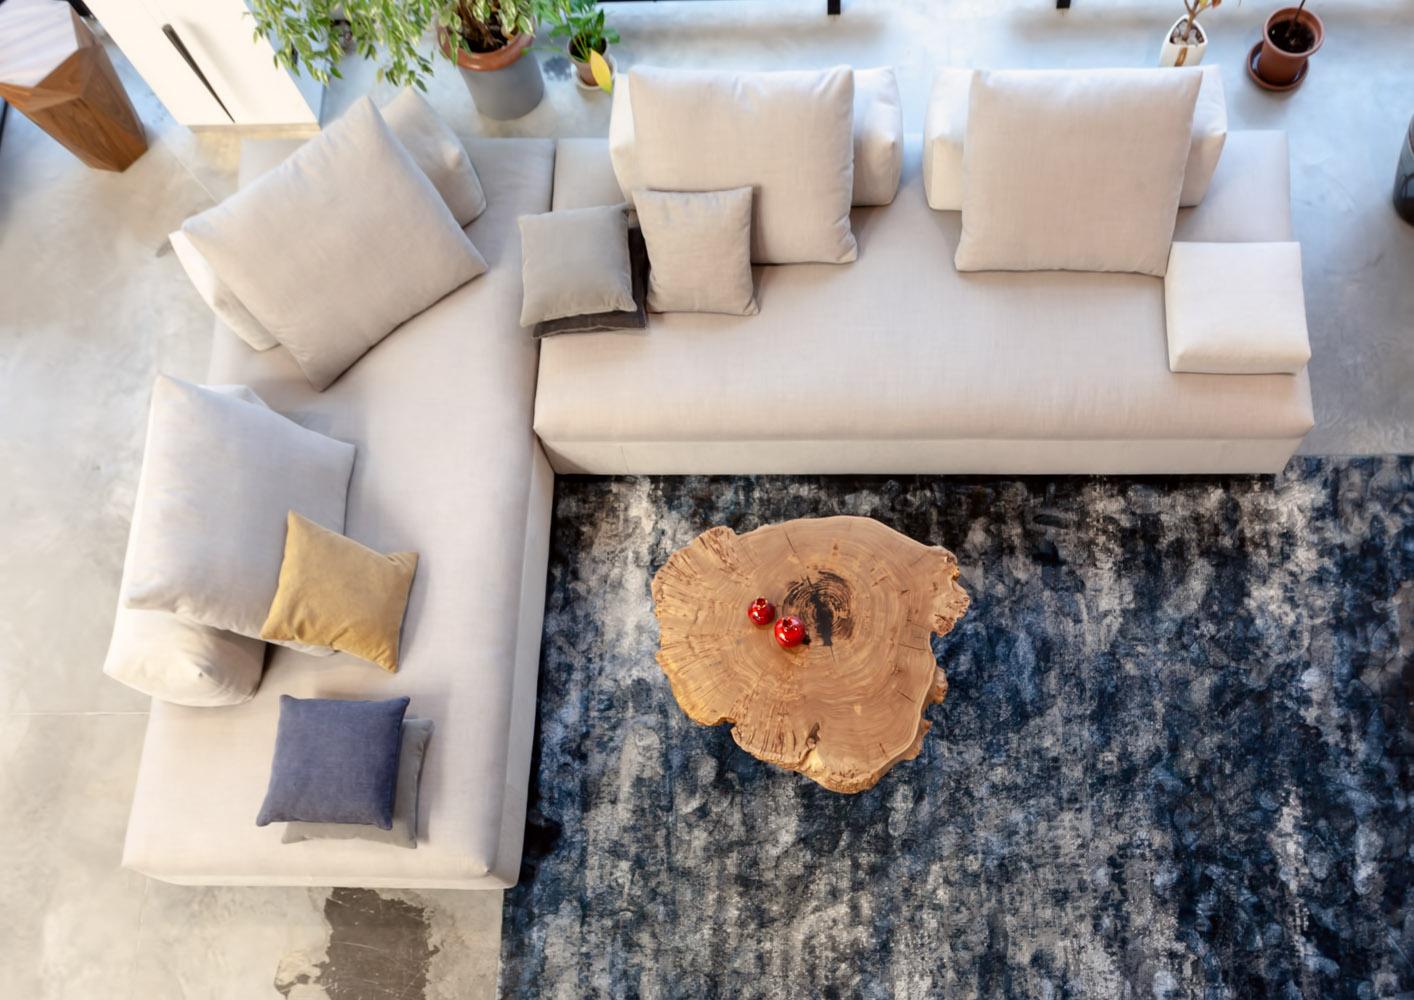 мягкая мебель Desiree - Диваны, кресла, модульные системы